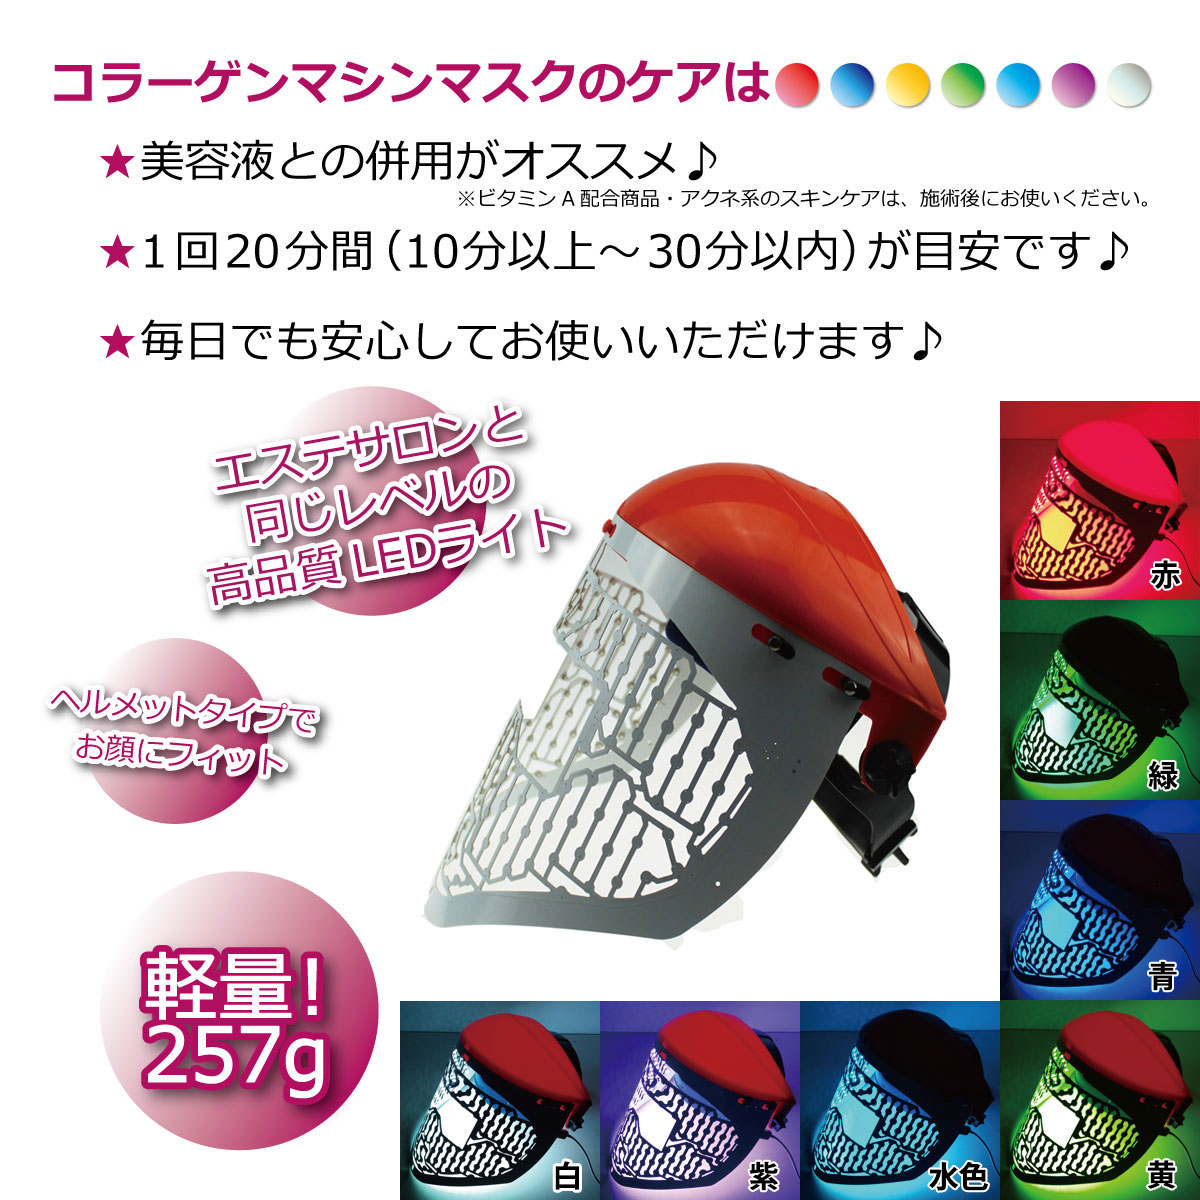 コラーゲンマシンマスク商品画像6